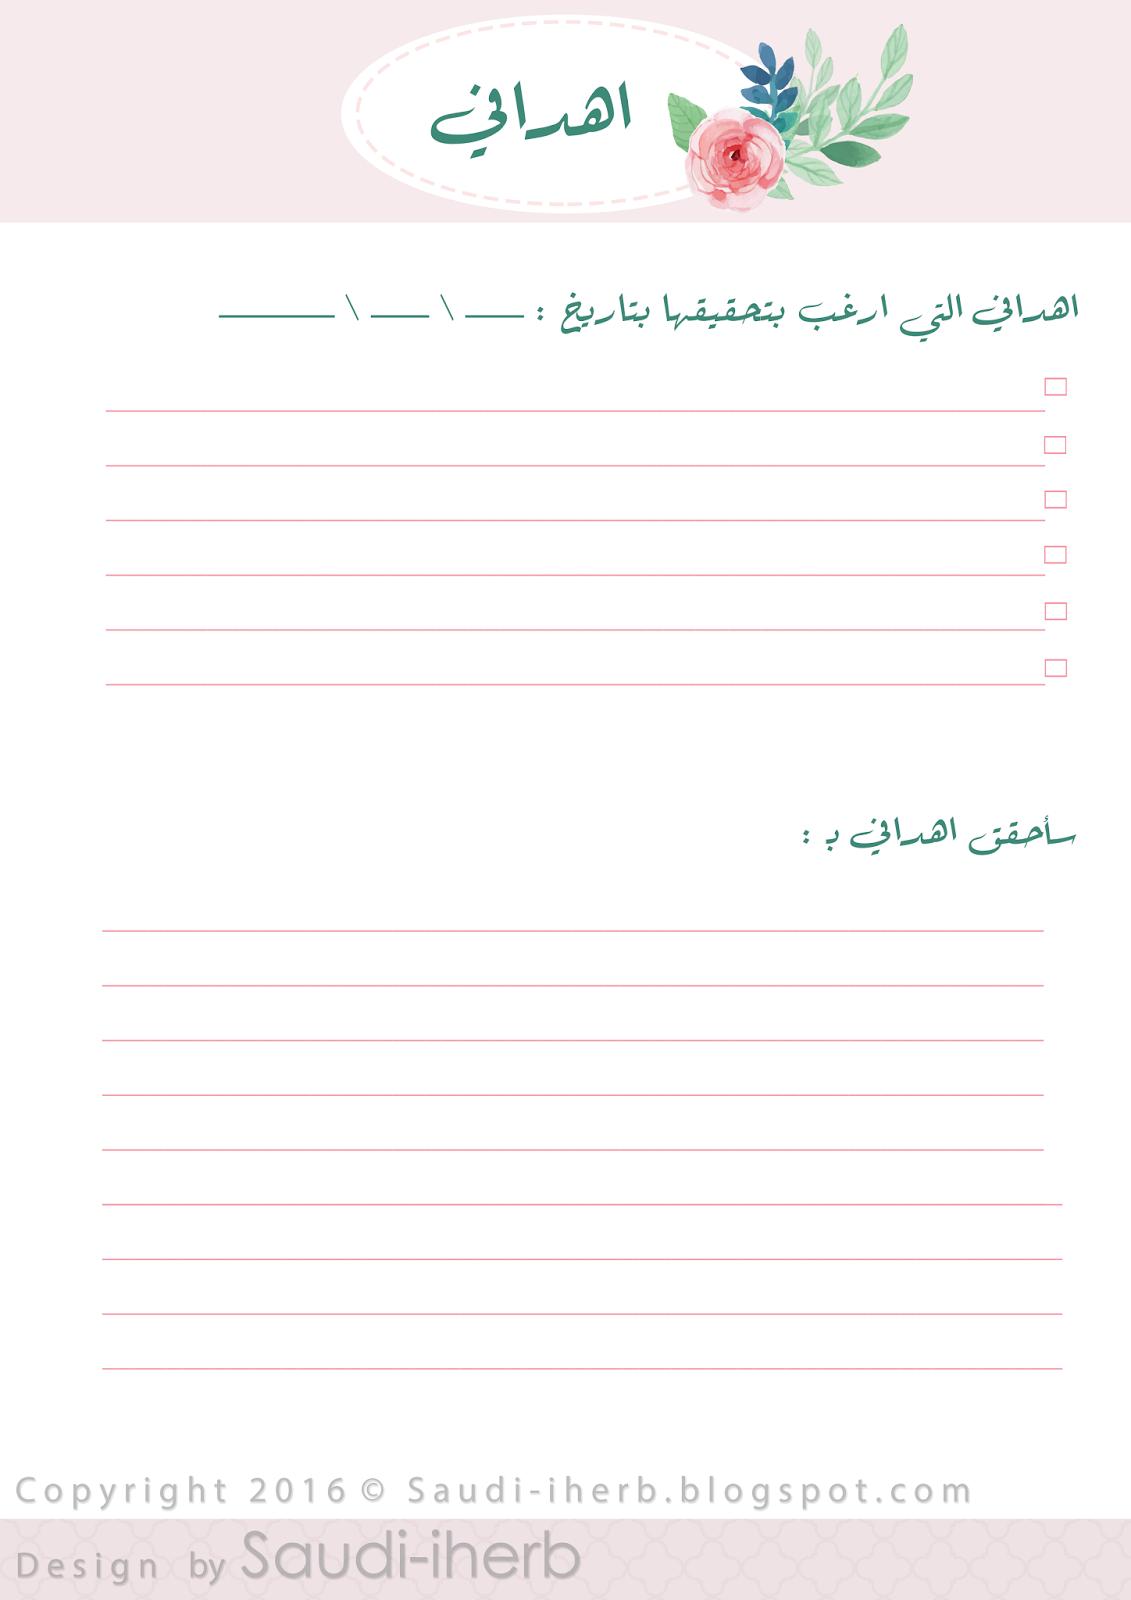 جداول لتنظيم ومتابعة العناية بالبشرة والرجيم و التمارين آي هيرب بالعربي من السعودية تجارب منتجات Print Planner Weekly Planner Printable Daily Planner Pages